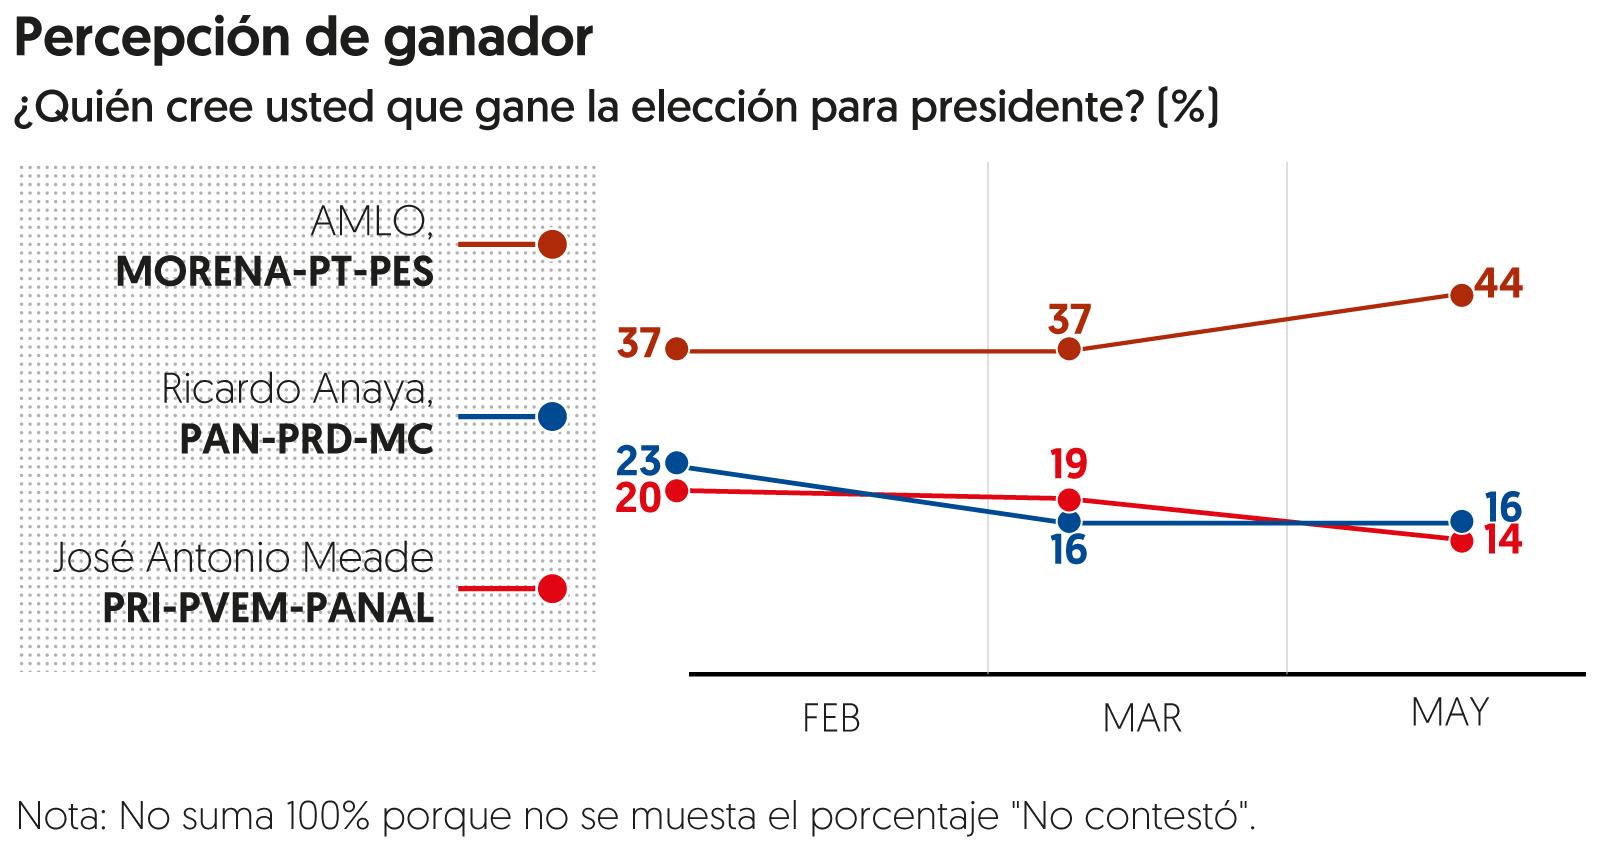 Encuesta de preferencias electorales de <em>El Financiero</em>. Publicación: 14 de mayo de 2018